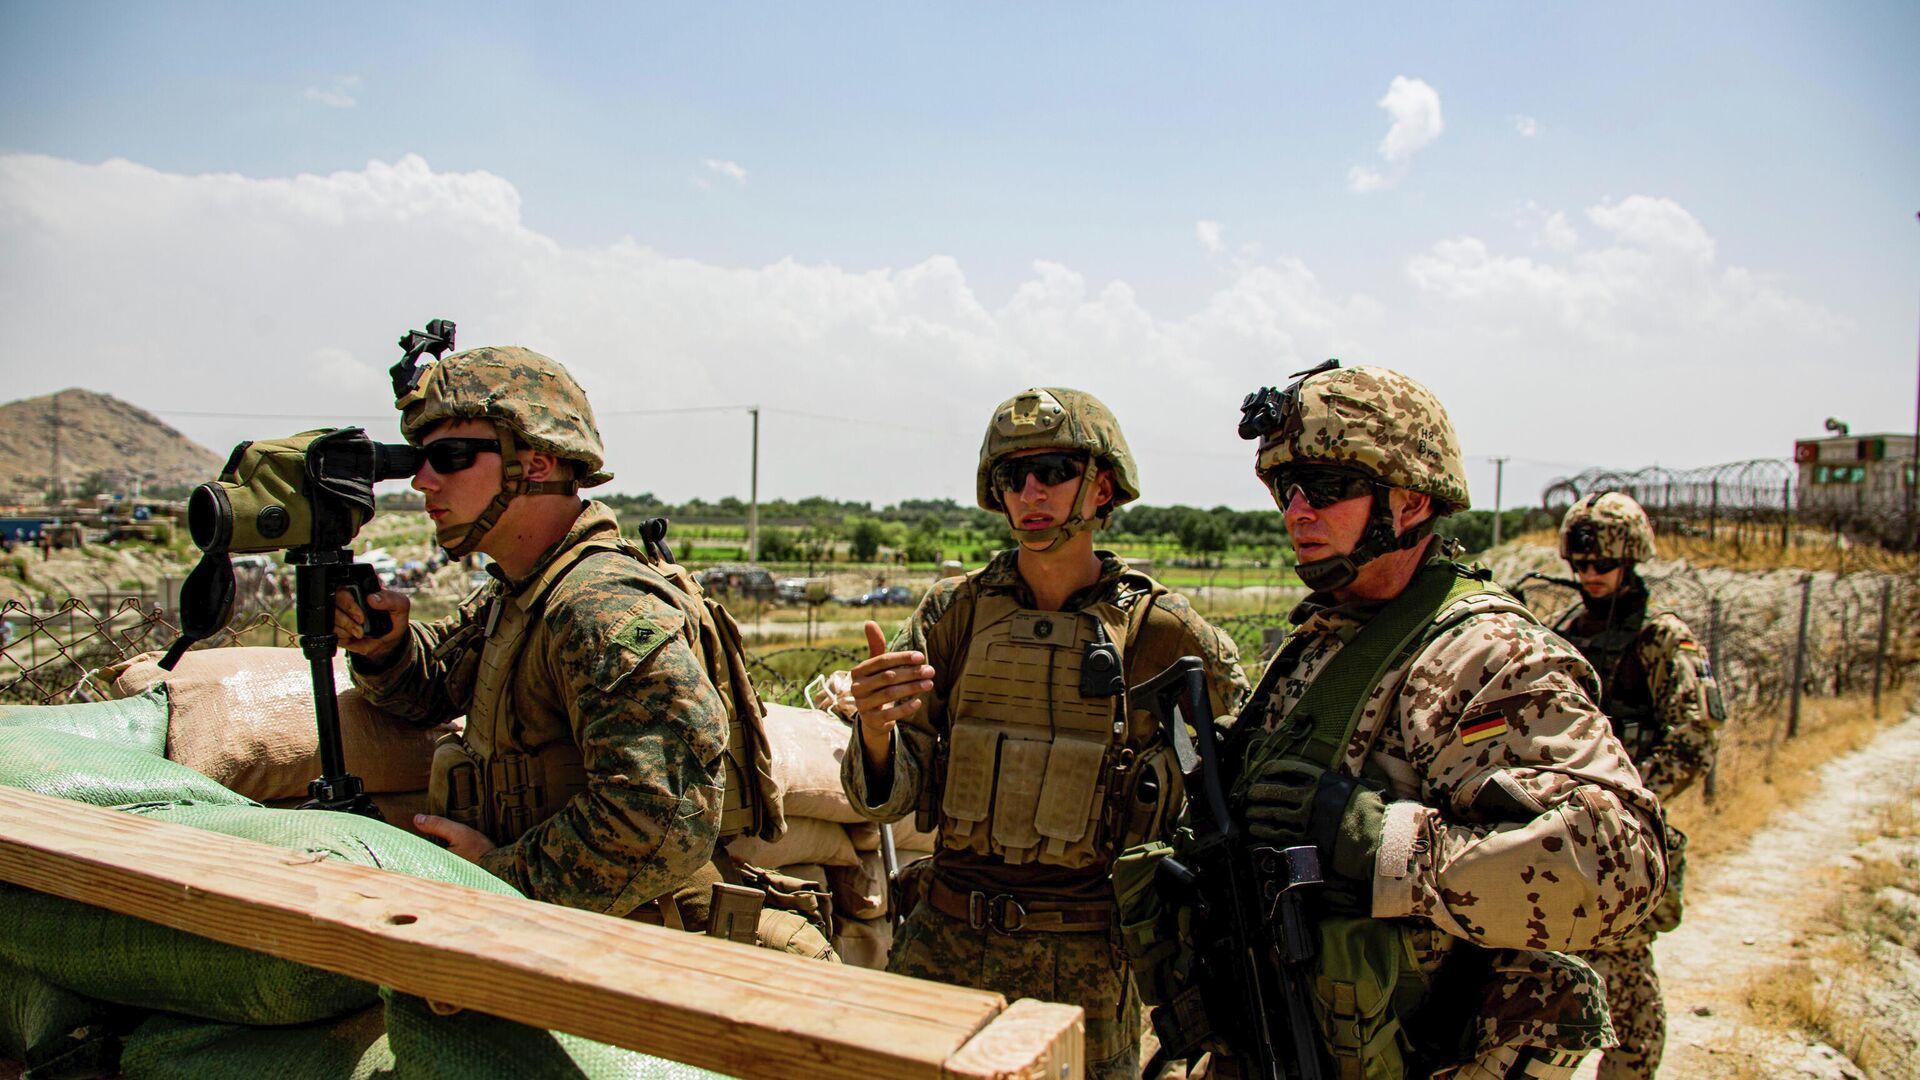 США вывели из строя оставленное в Афганистане военное оборудование